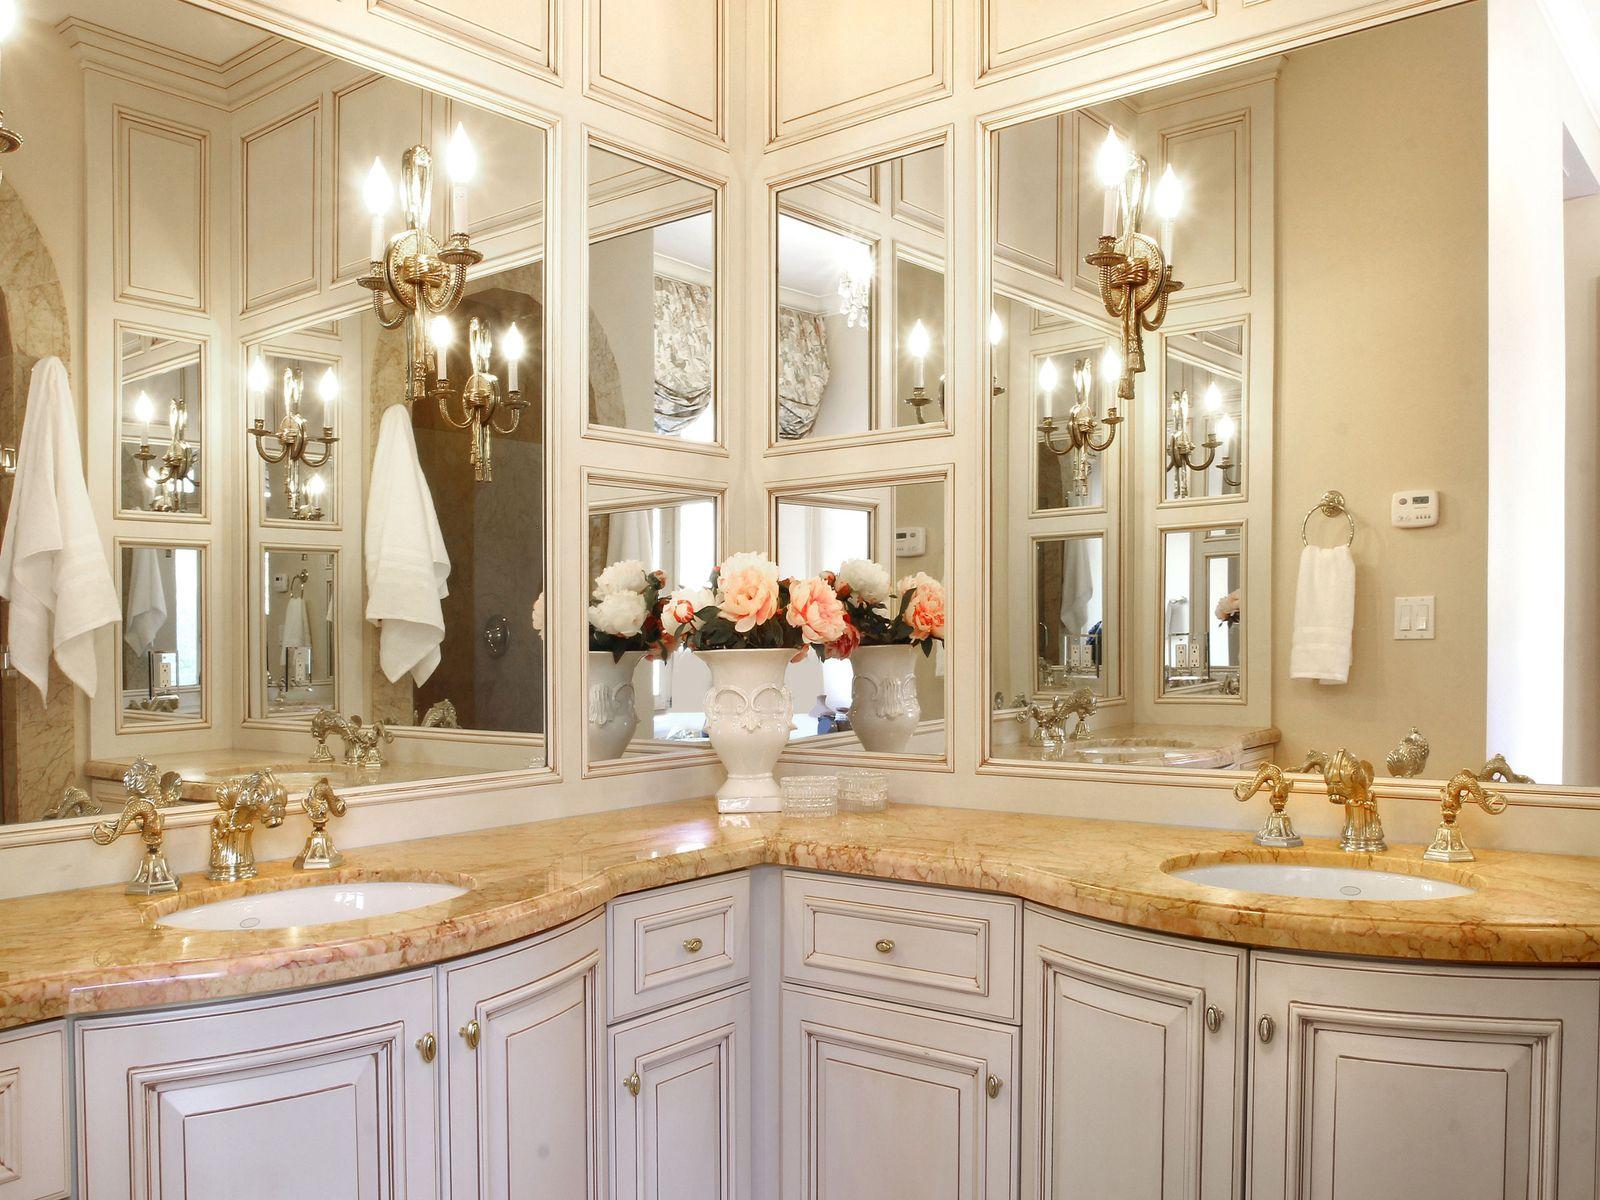 Crema Valencia Marble vanity.